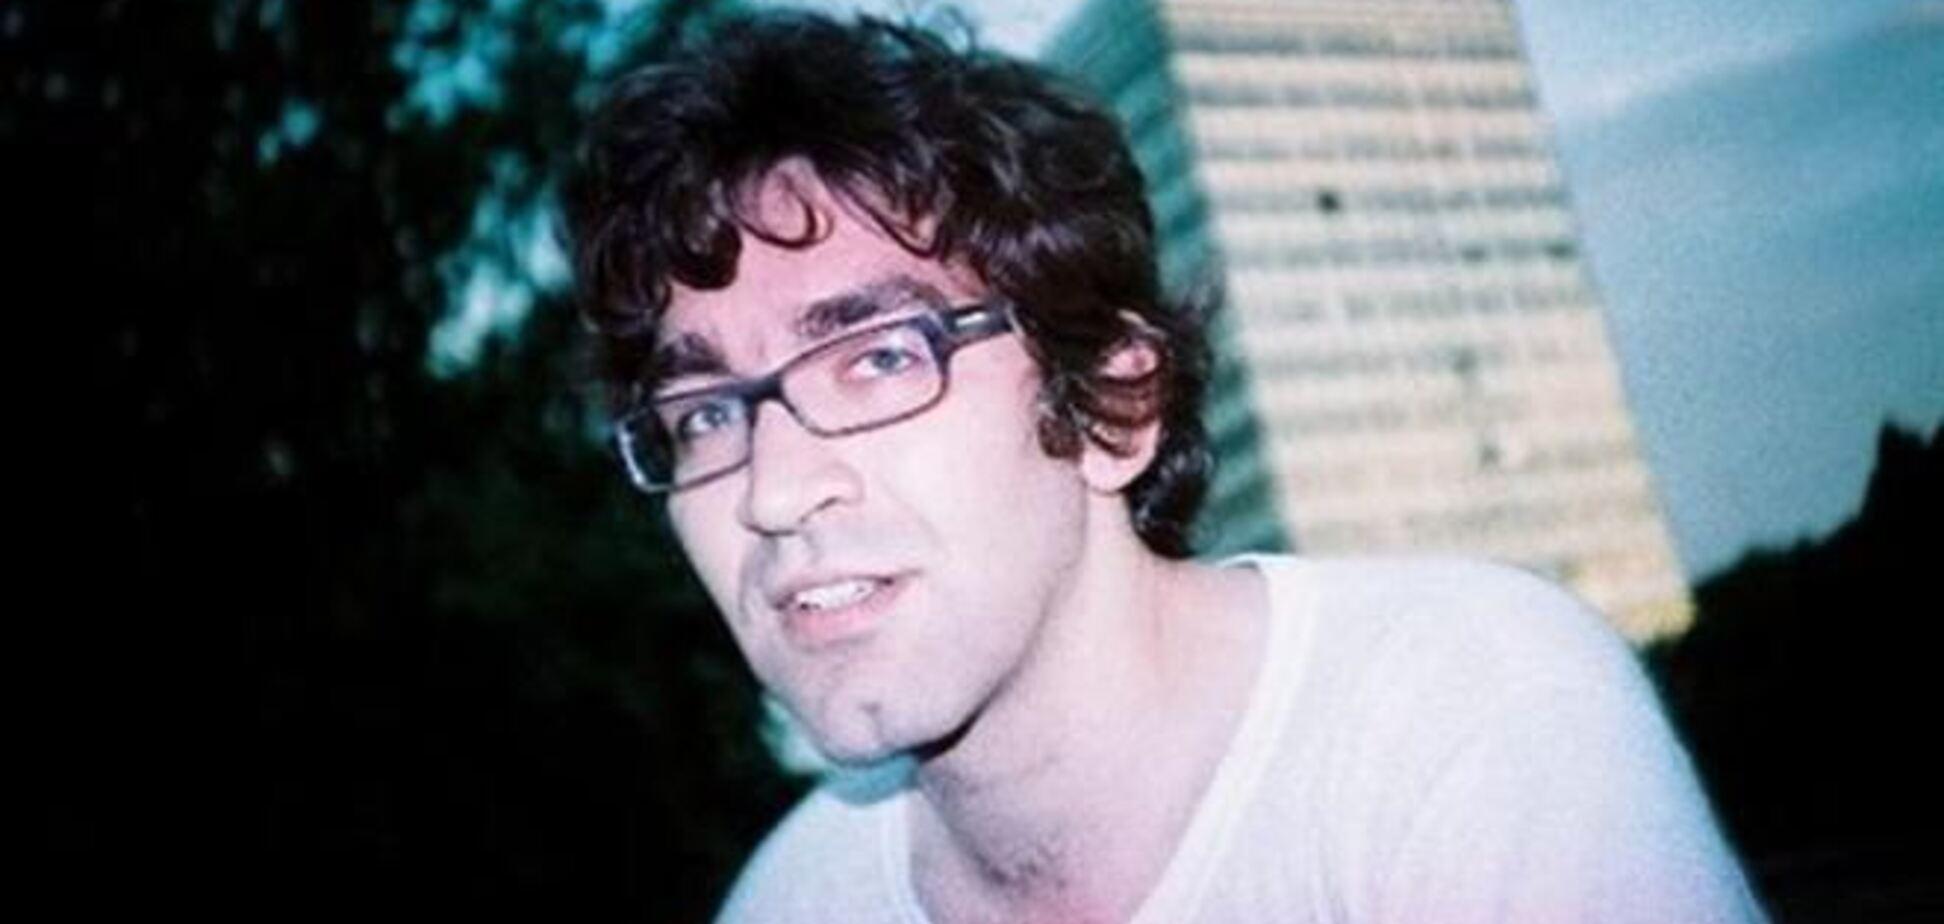 В Славянске боевики взяли в заложники американского журналиста - СМИ